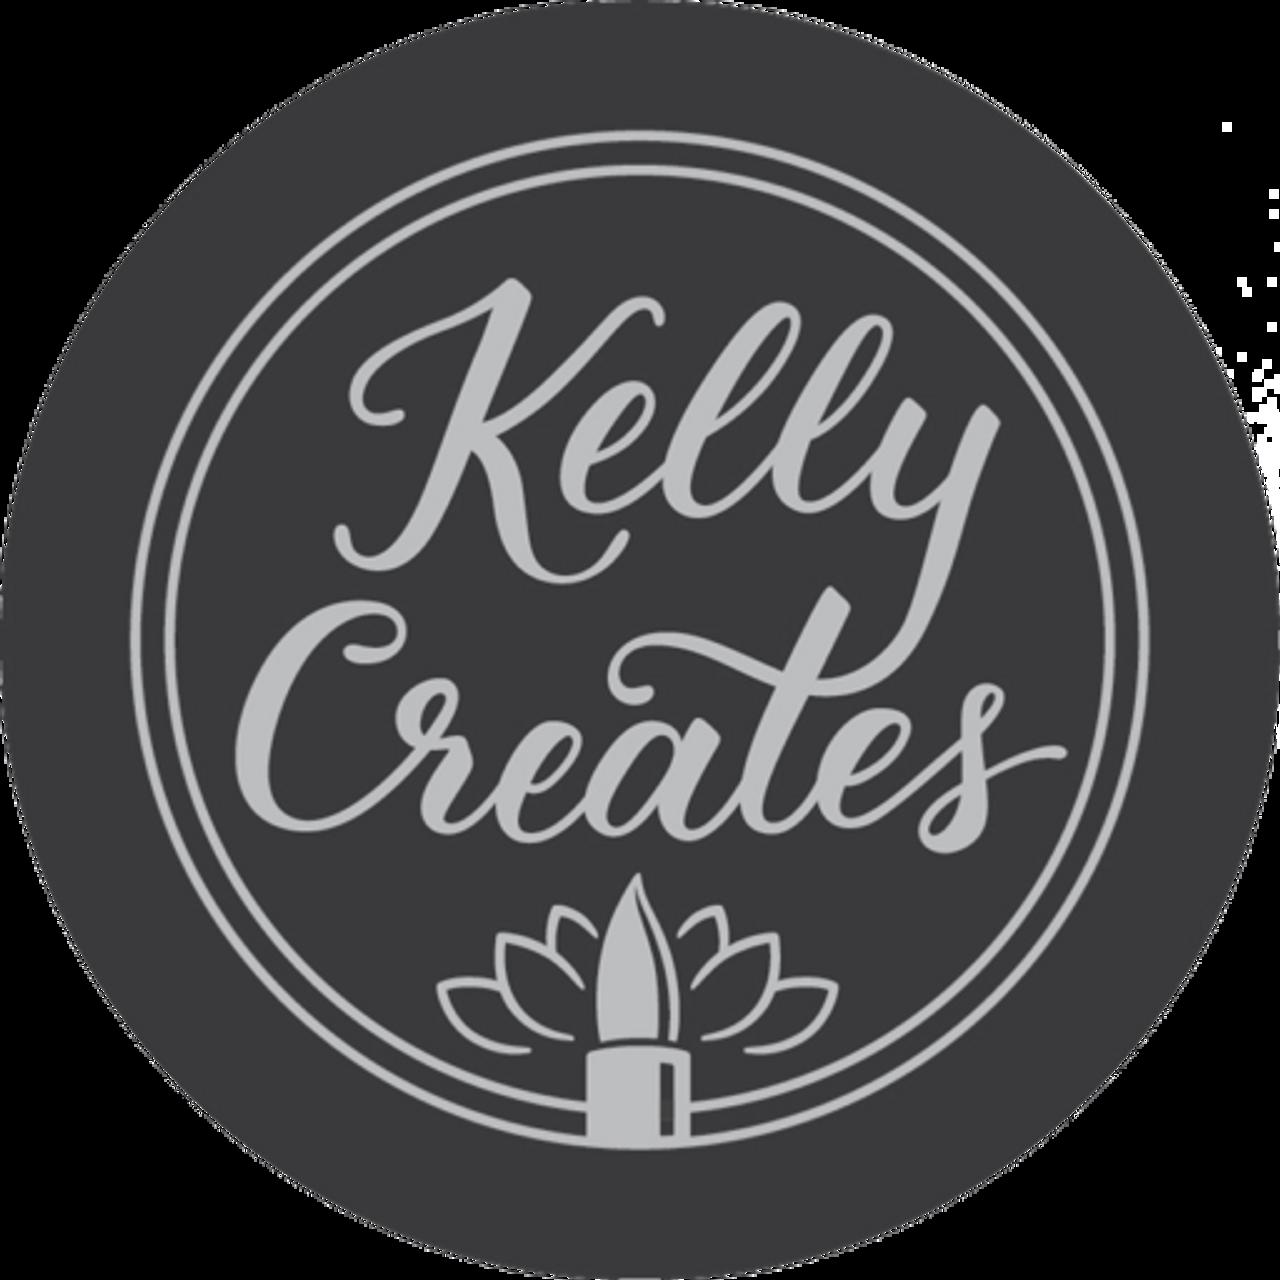 Kelly Creates